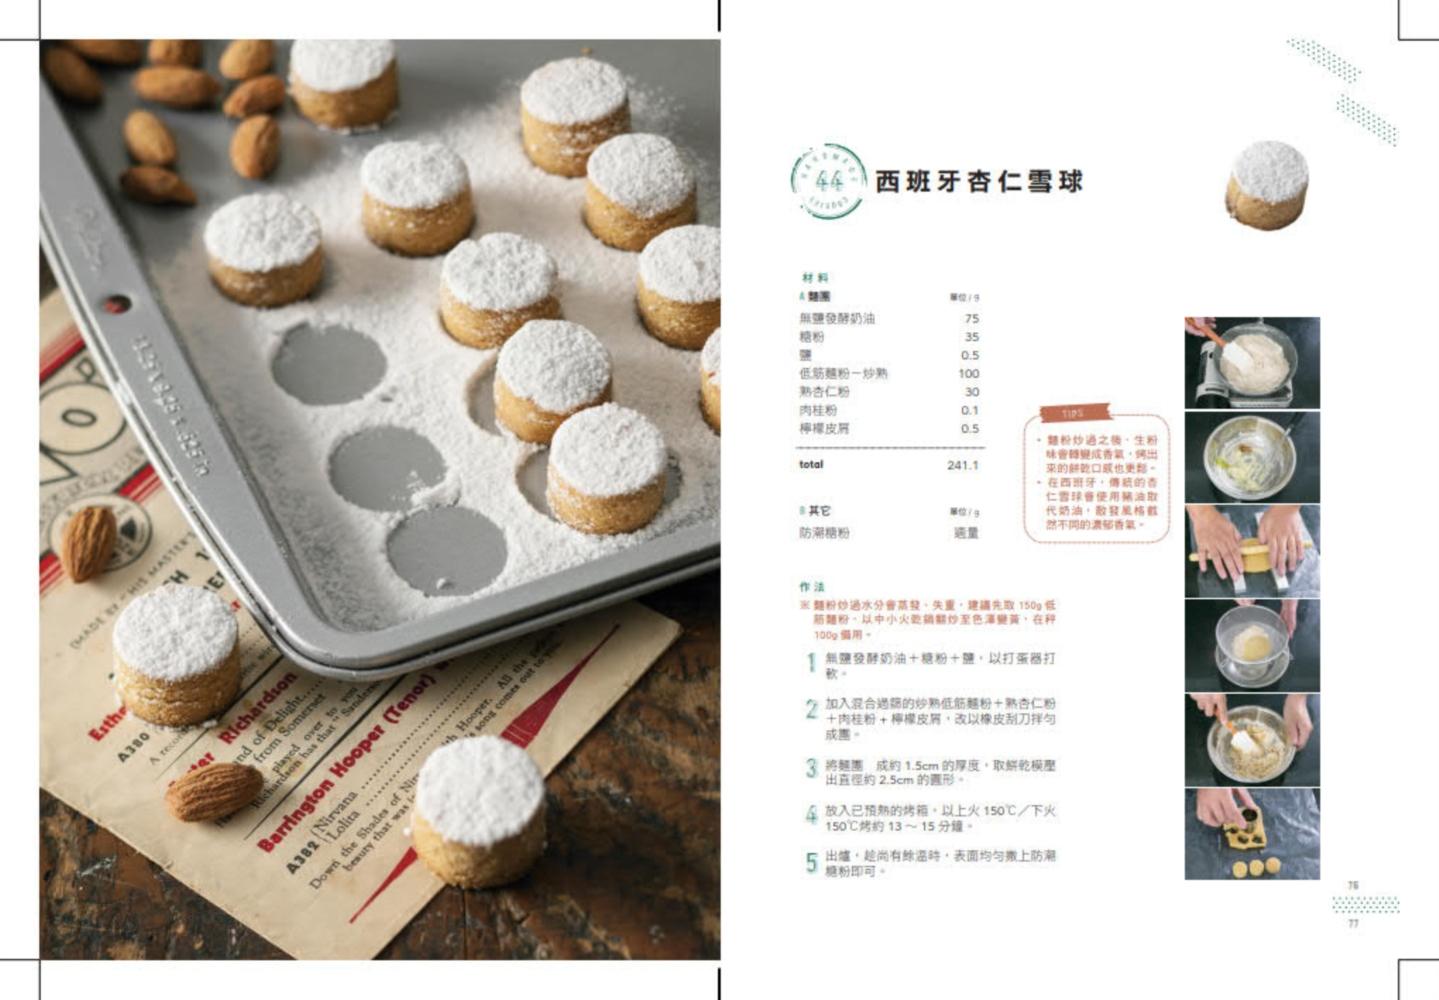 ◤博客來BOOKS◢ 暢銷書榜《推薦》職人的188道手工甜鹹餅乾:小烤箱完美烘焙術!不藏私創業配方大公開